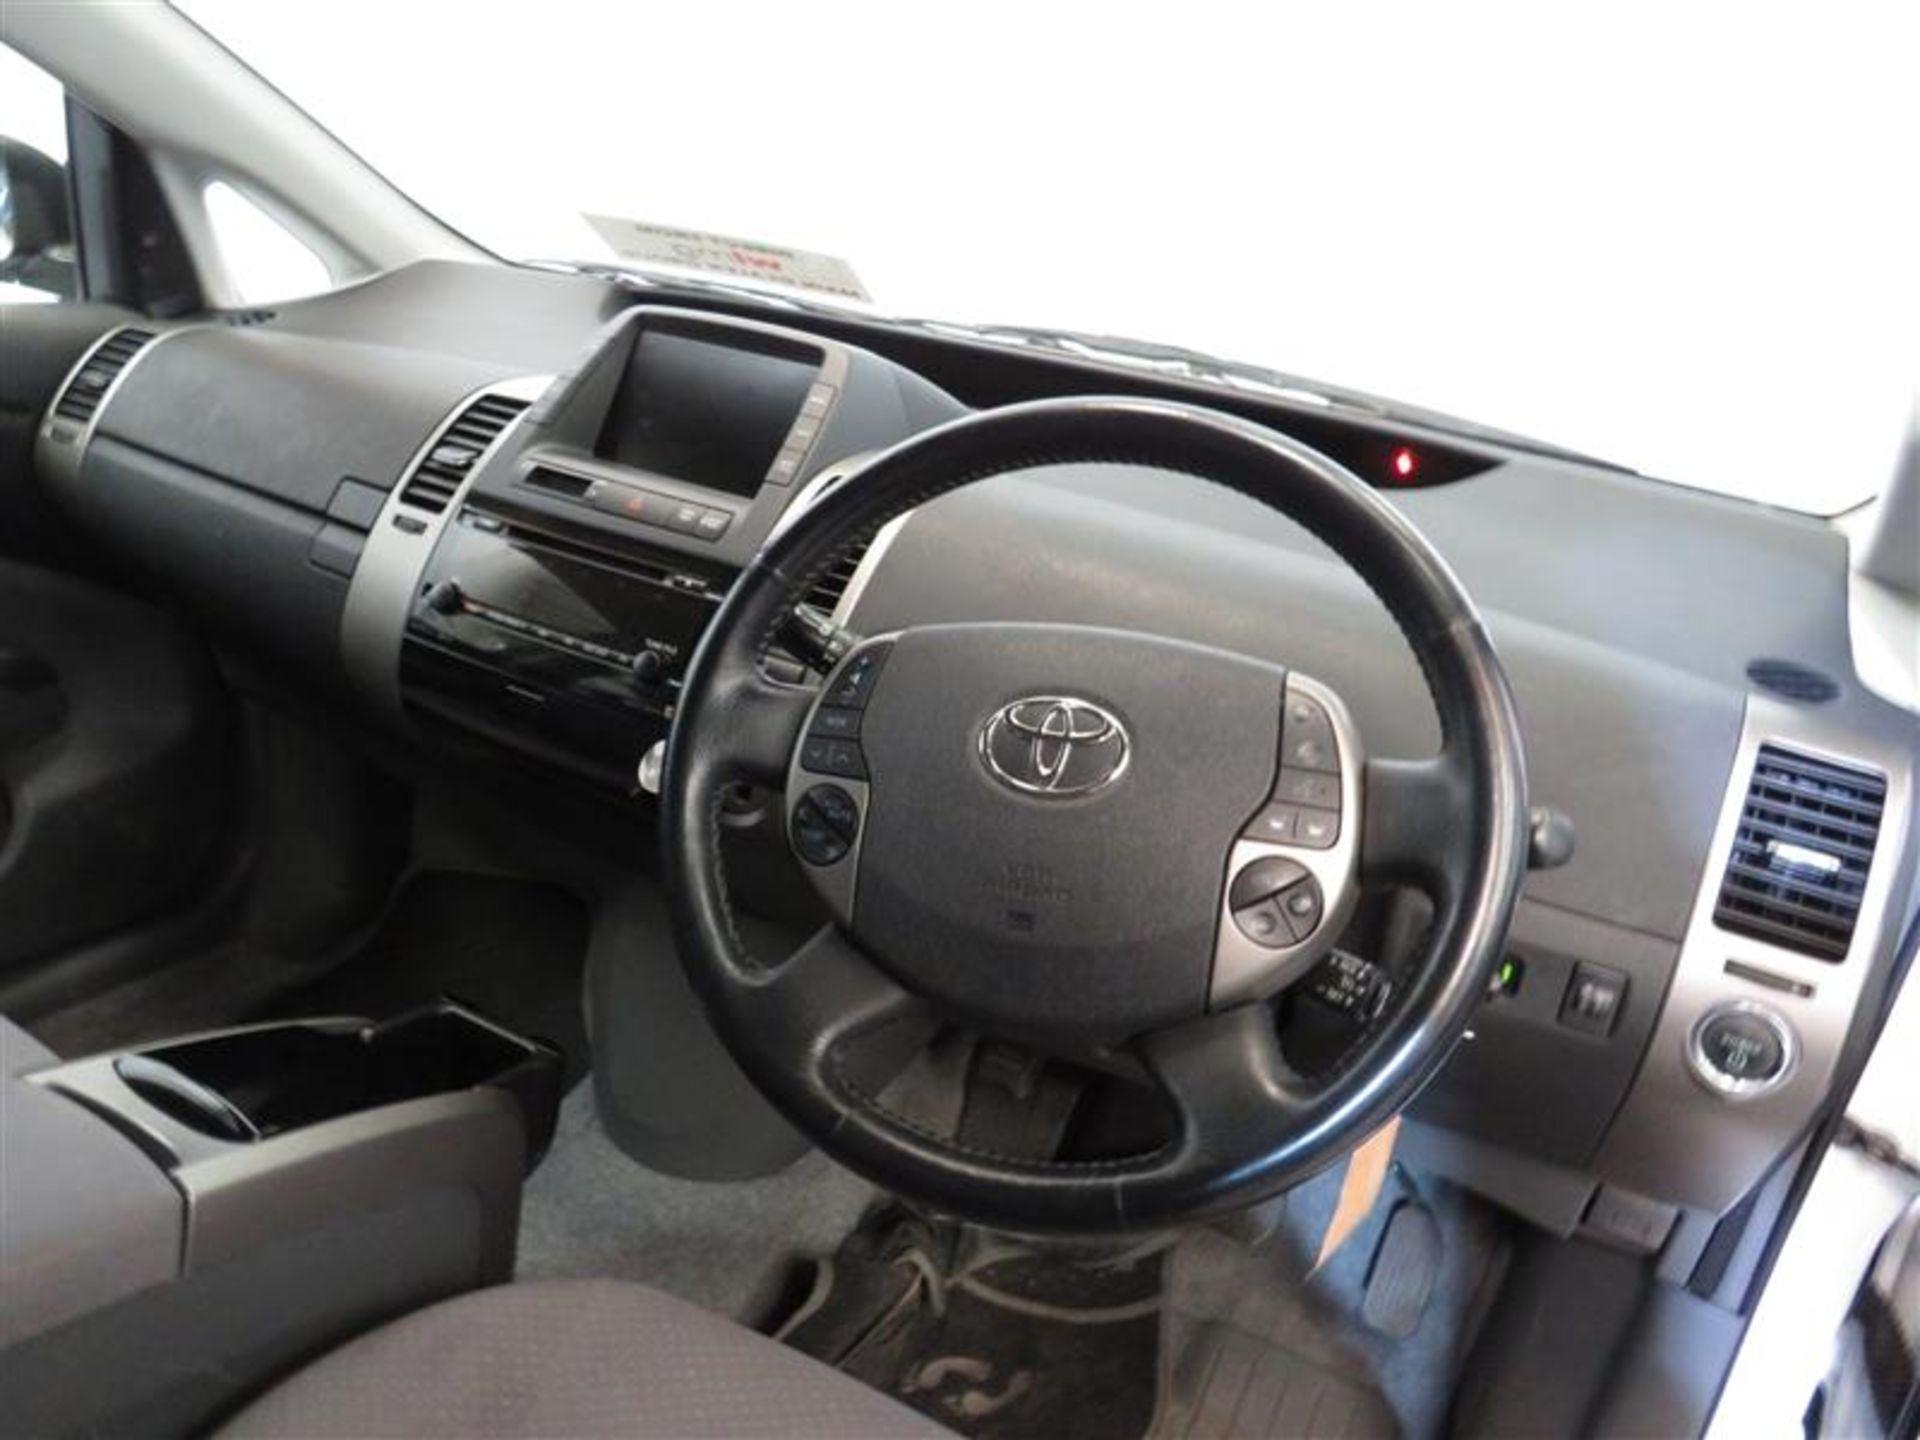 Lot 5 - 2008 Toyota Prius T Spirit VV-I Auto - 1497cc